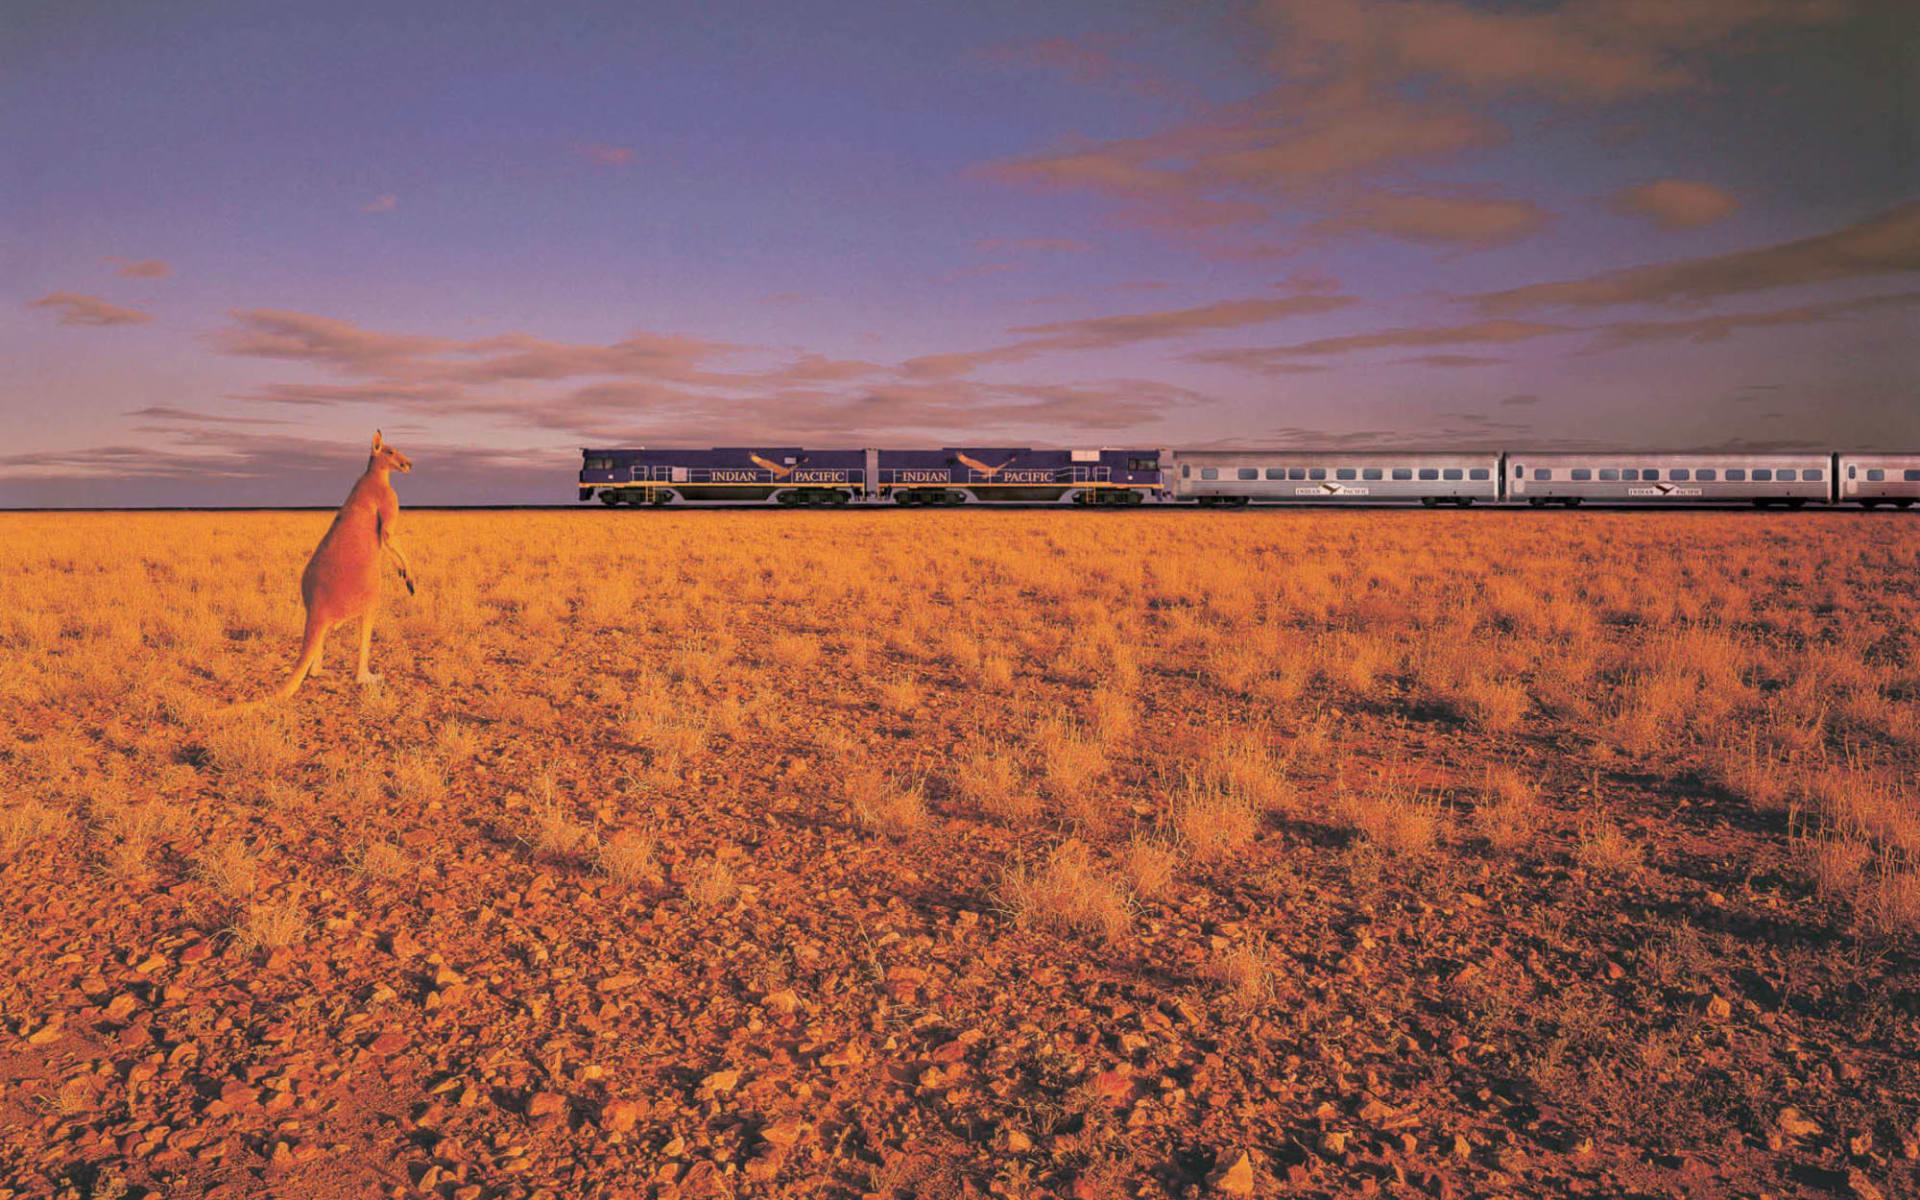 Indian Pacific von Perth nach Sydney: Australien - Bahnreisen - Indian Pacific mit Känguruh